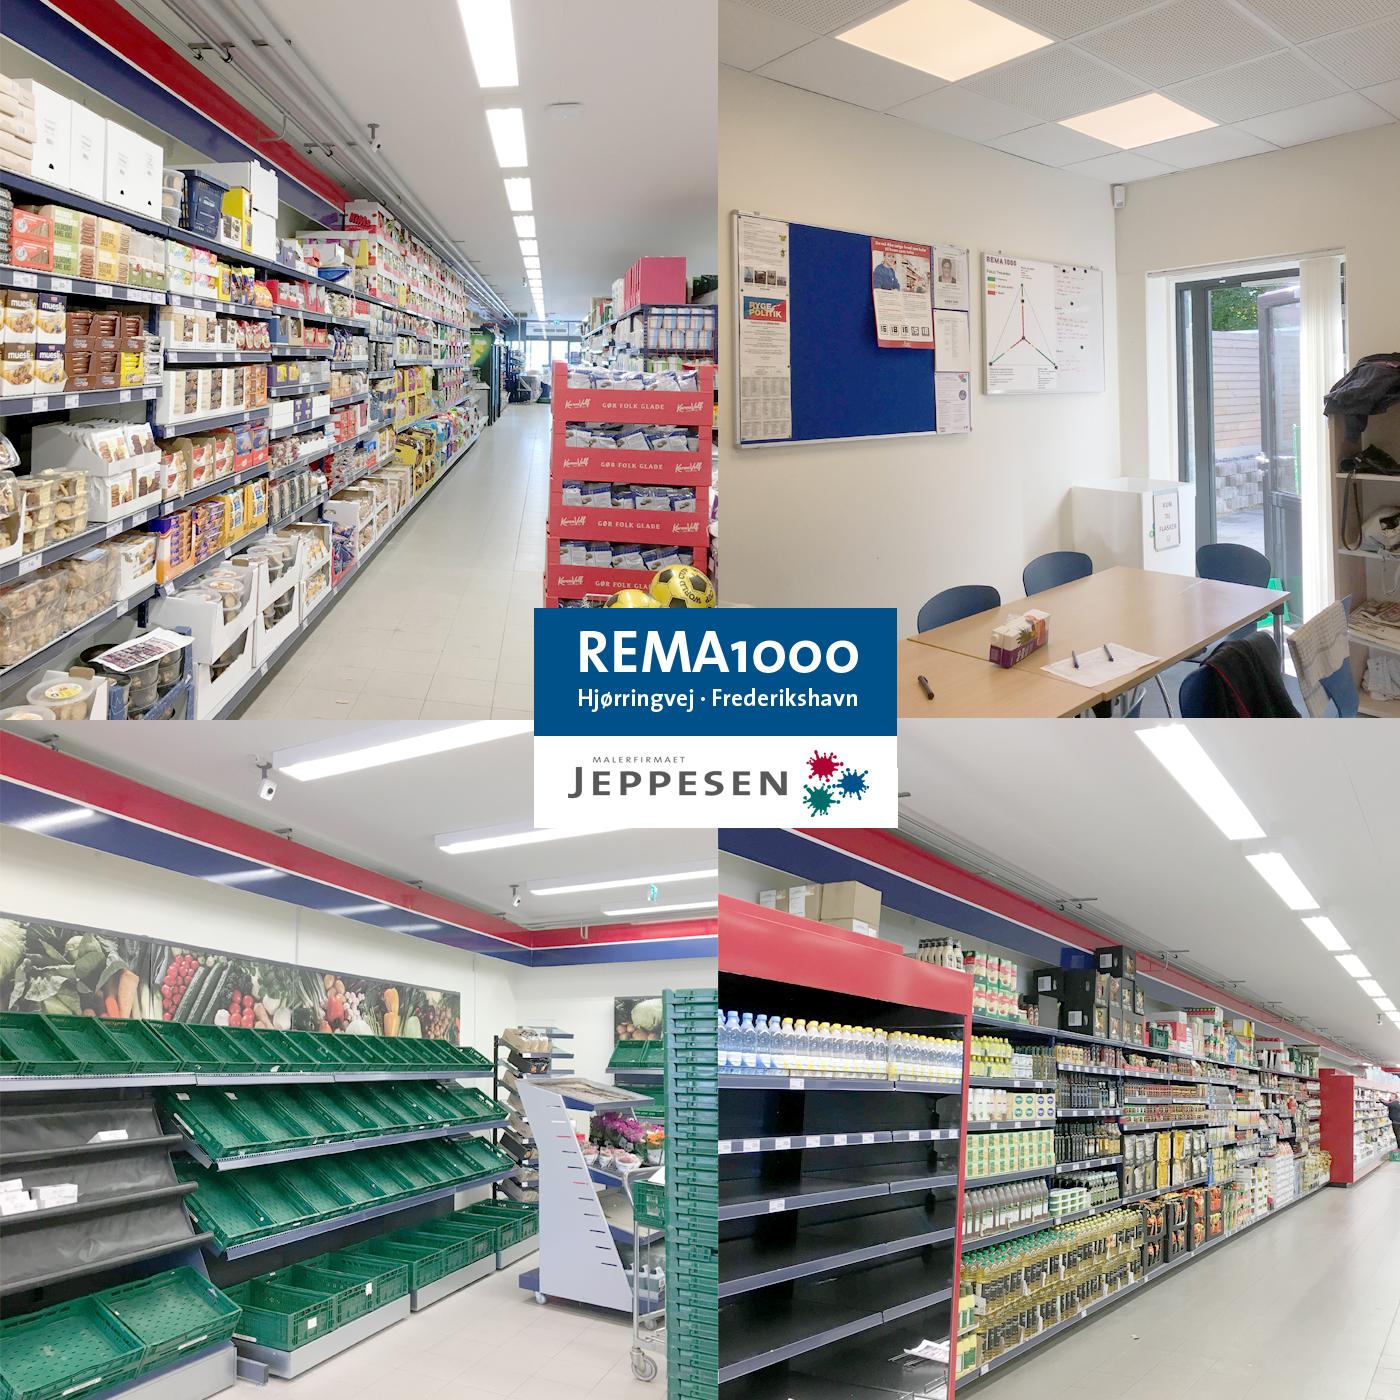 Nymalet og renoveret REMA 1000 butik i Frederikshavn